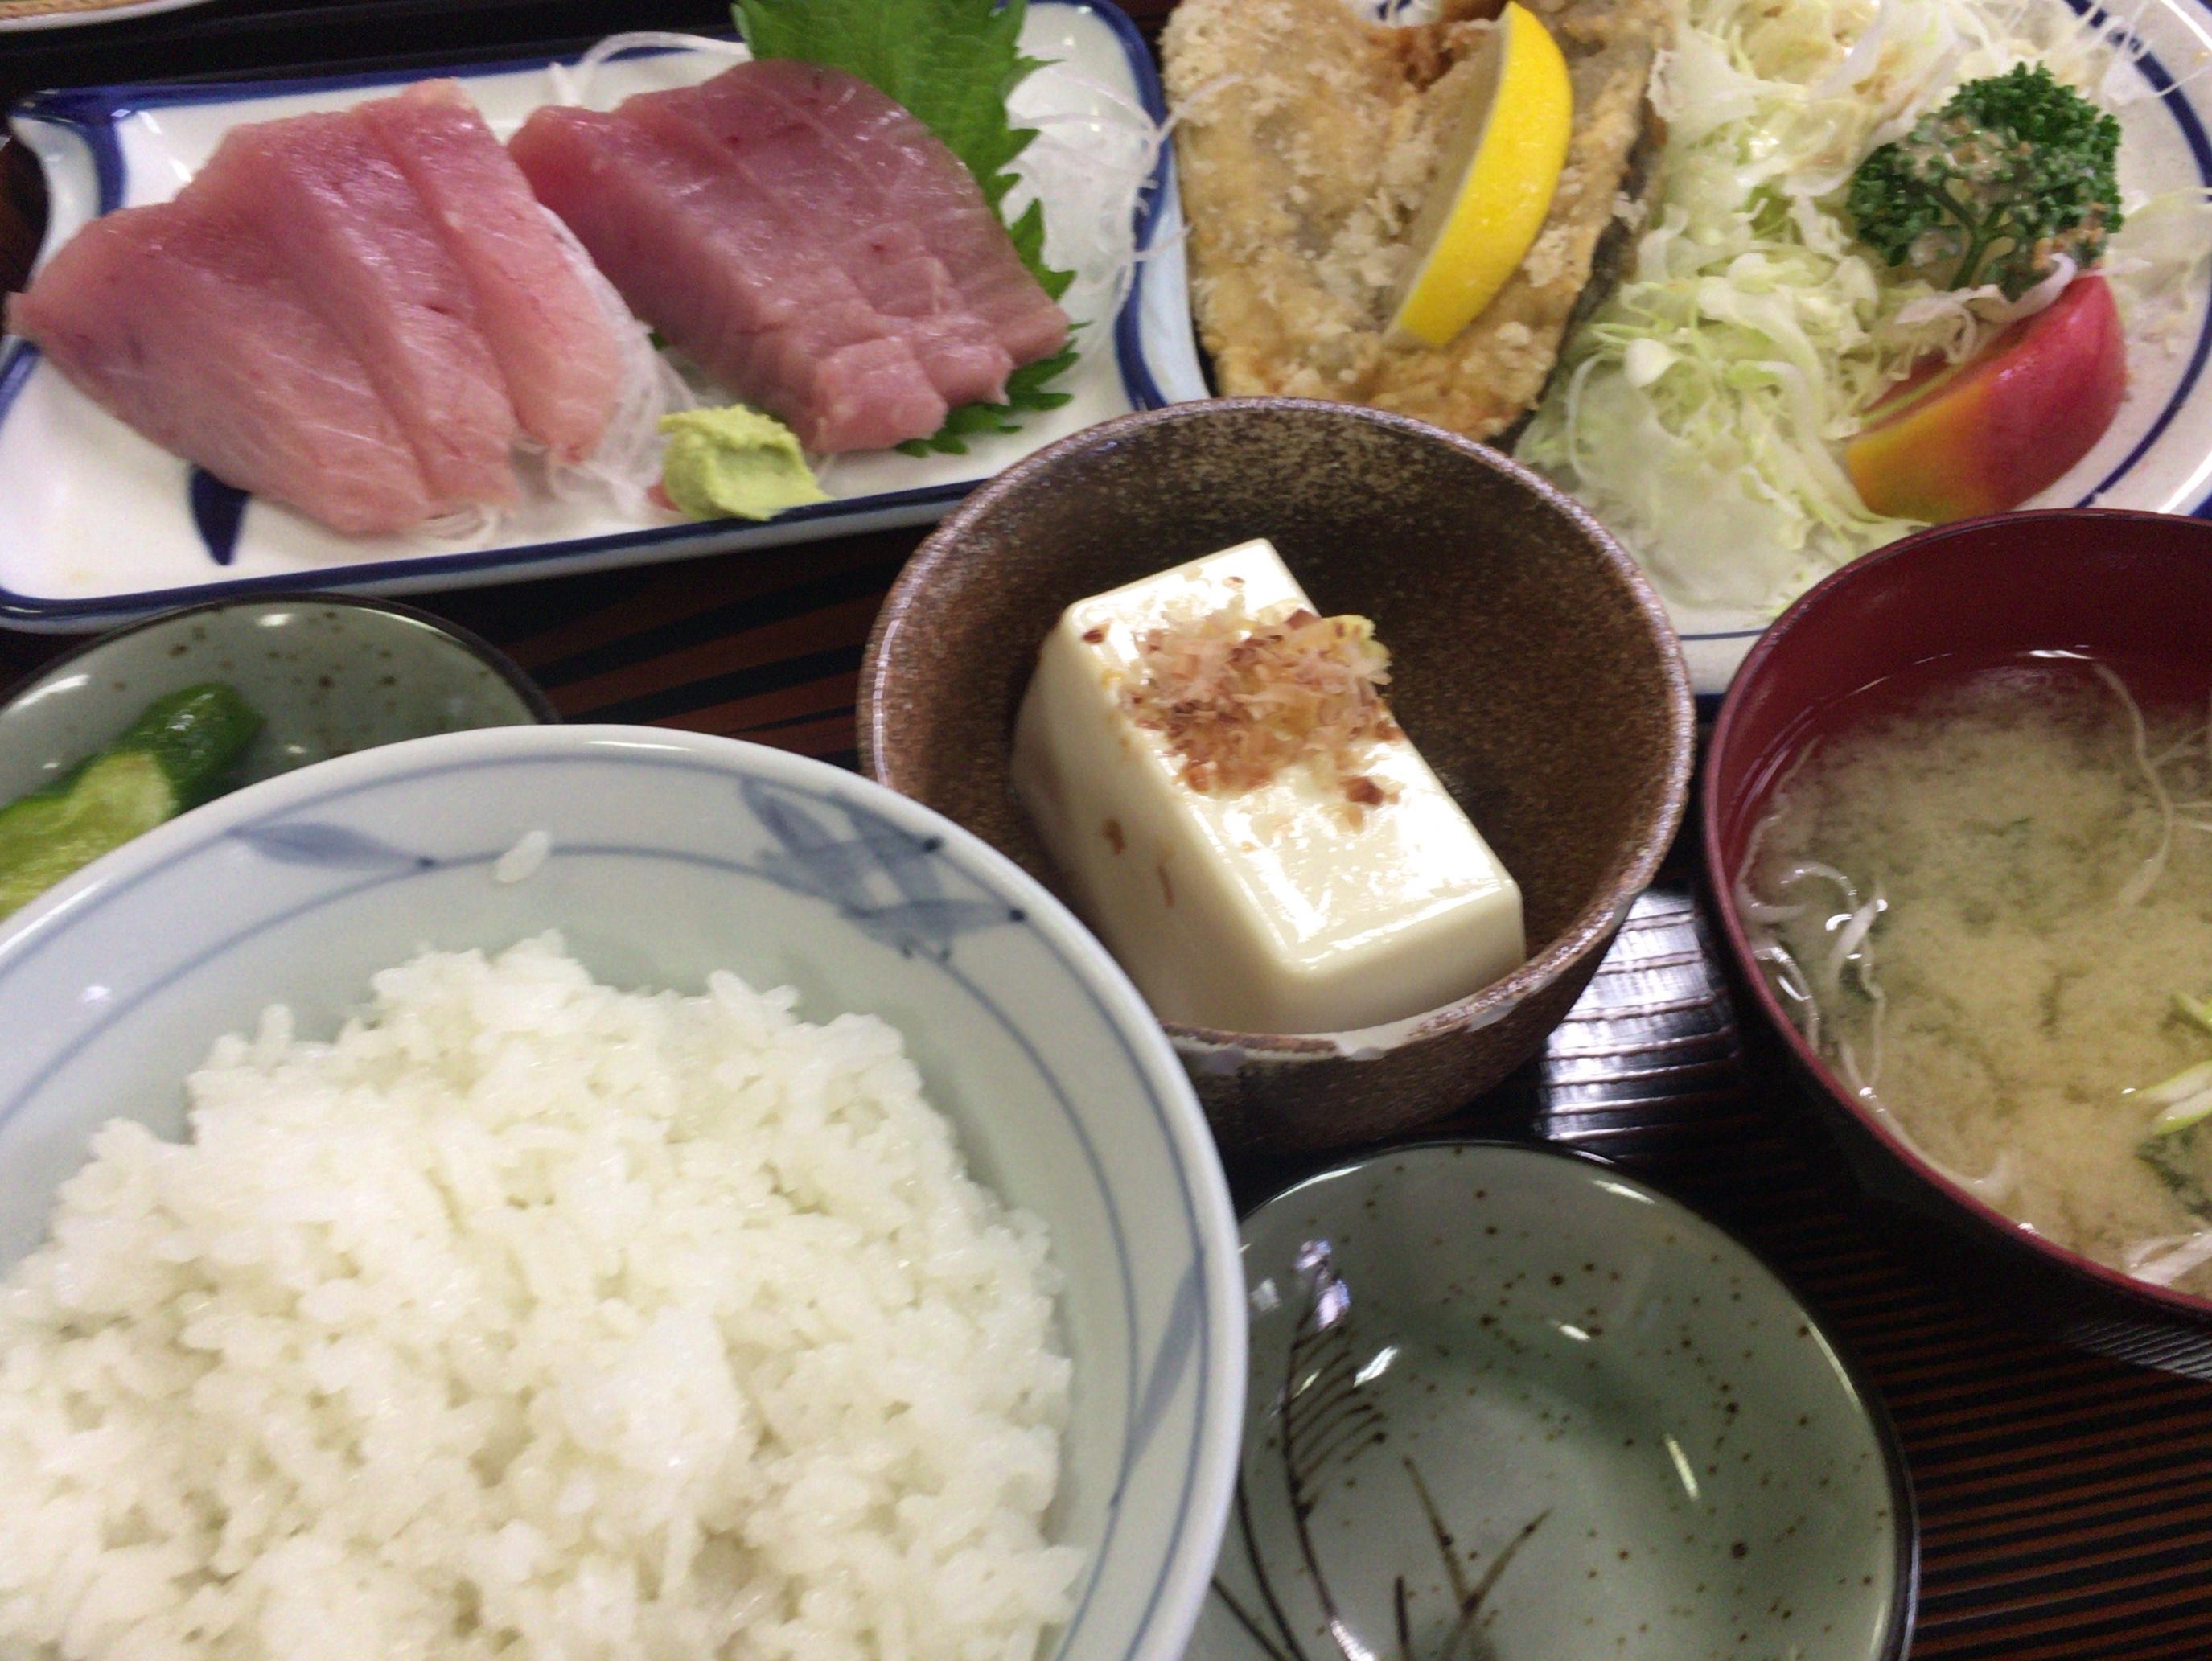 かつ美食堂(つくば市/食堂)